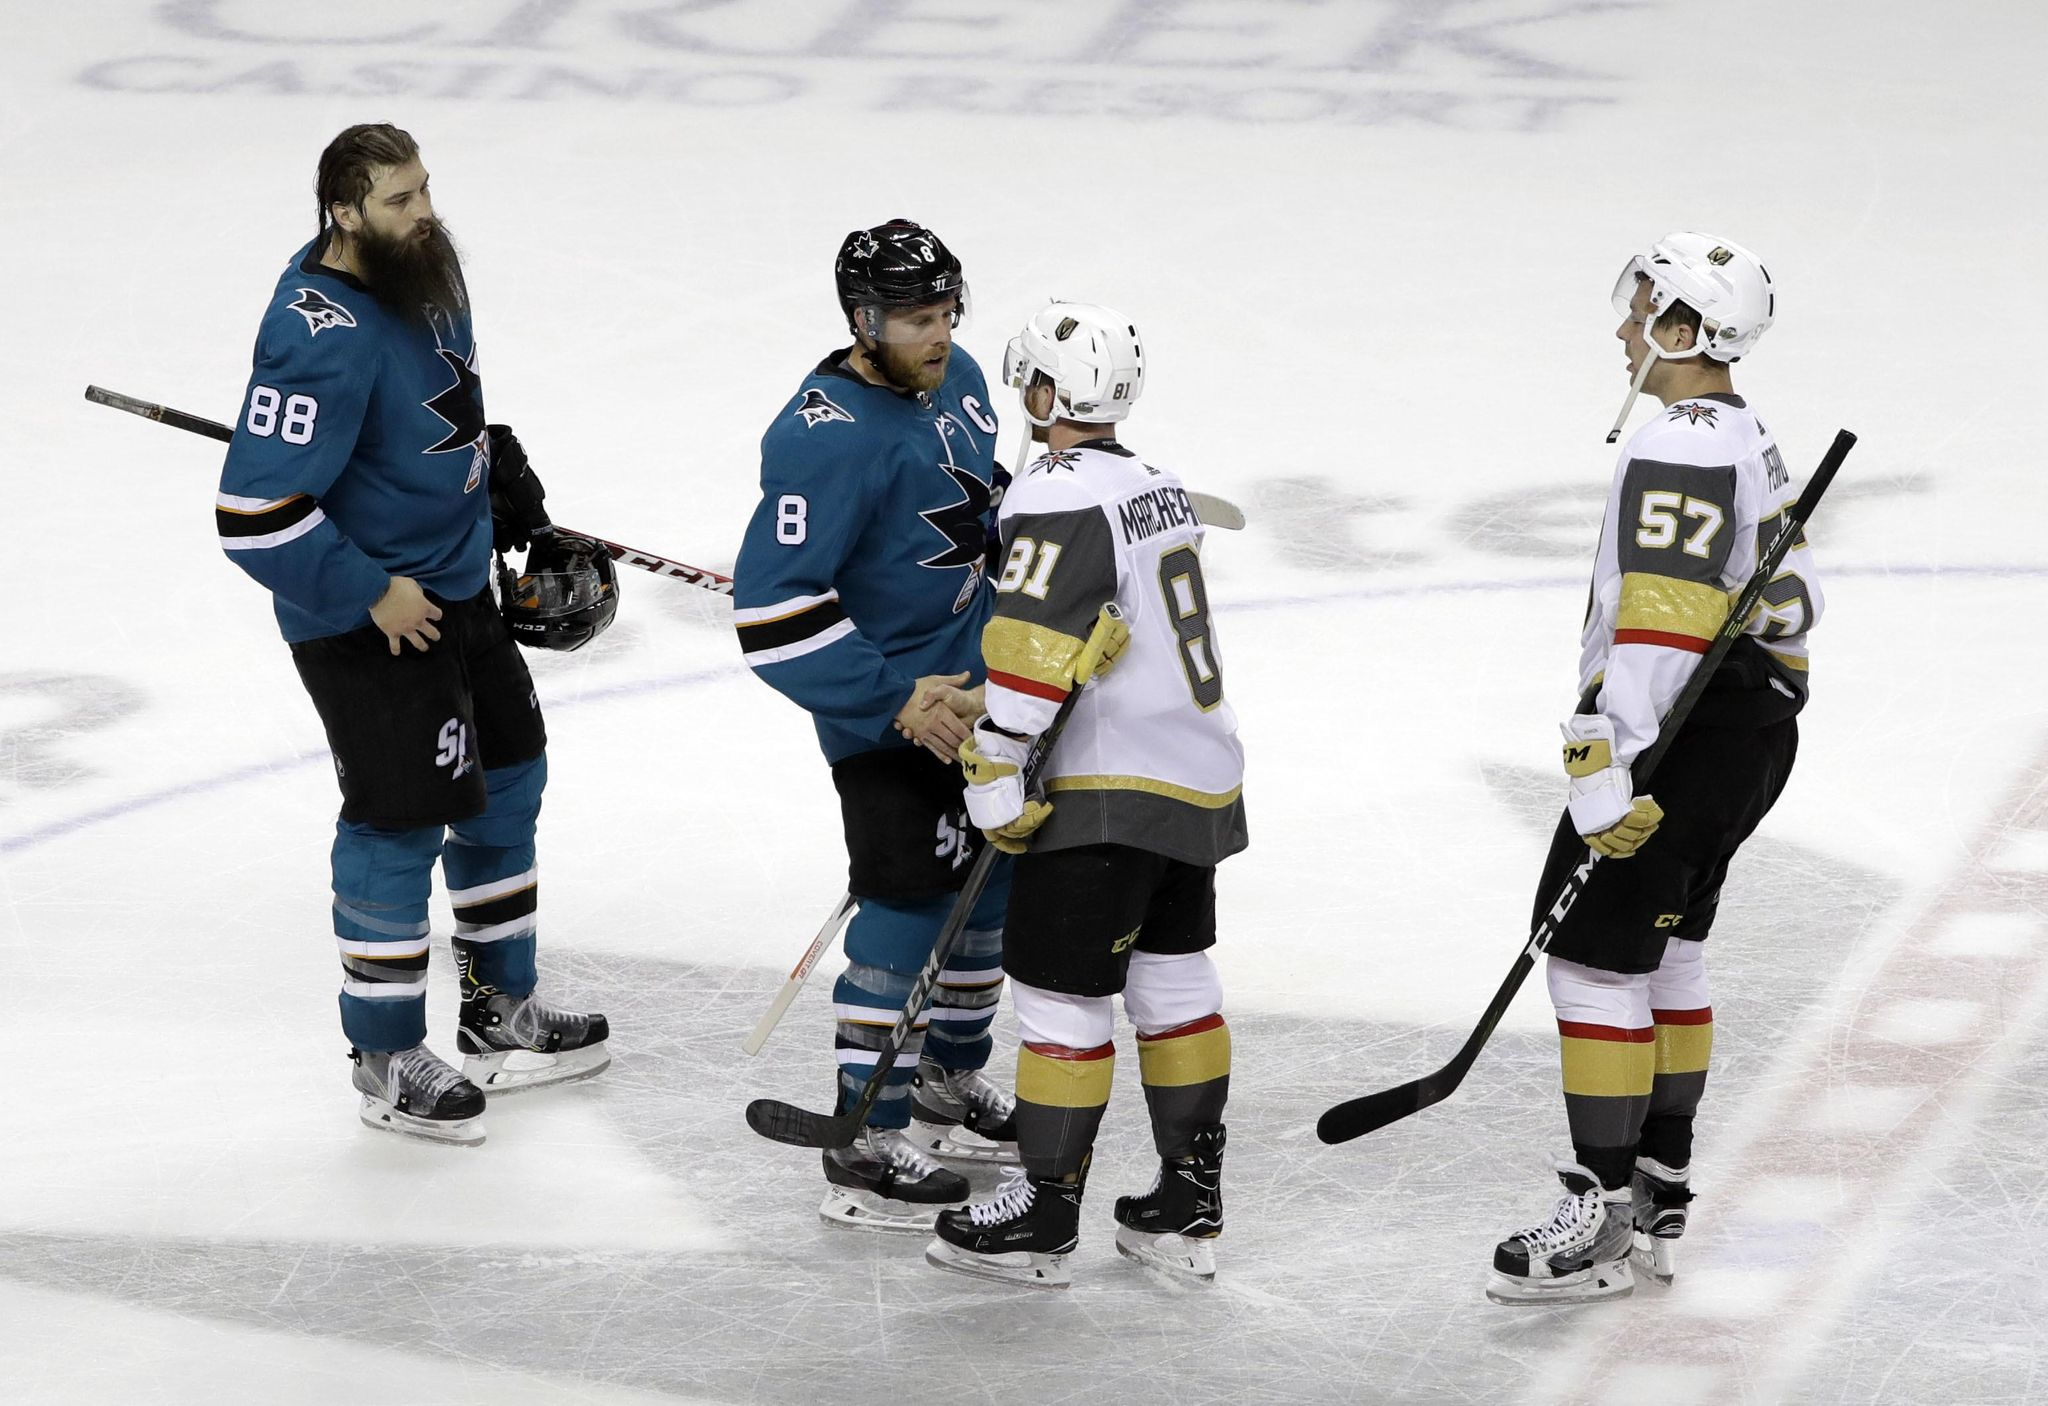 Golden_knights_sharks_hockey_45952_s2048x1406